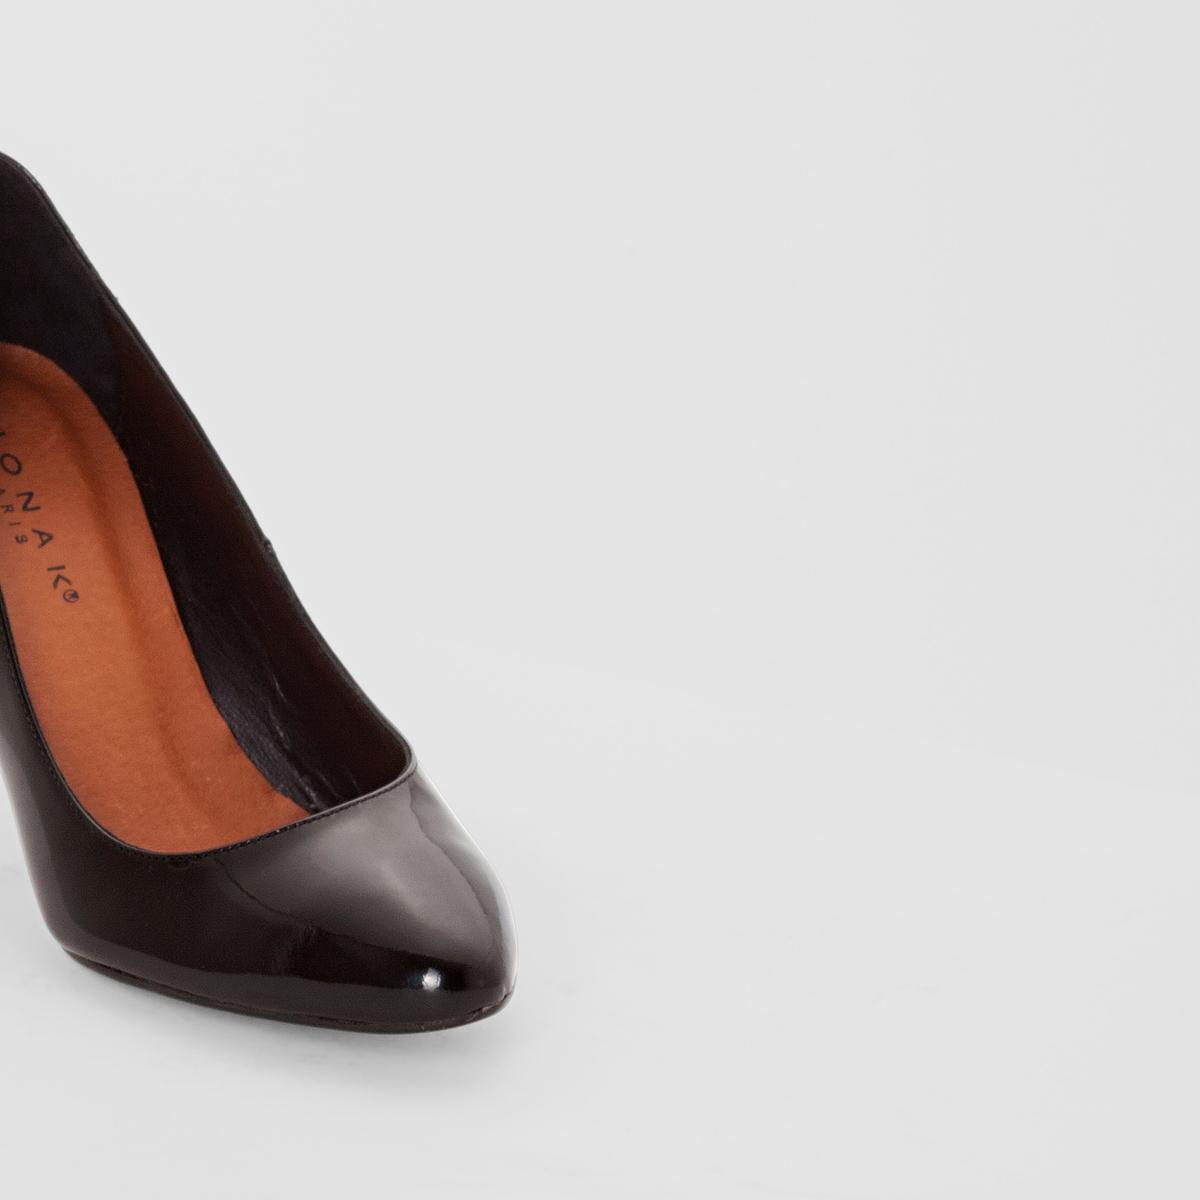 ТуфлиПодкладка: кожа   Стелька: кожа   Подошва: эластомер   Высота каблука: 7,5 см<br><br>Цвет: Черный лак<br>Размер: 37.38